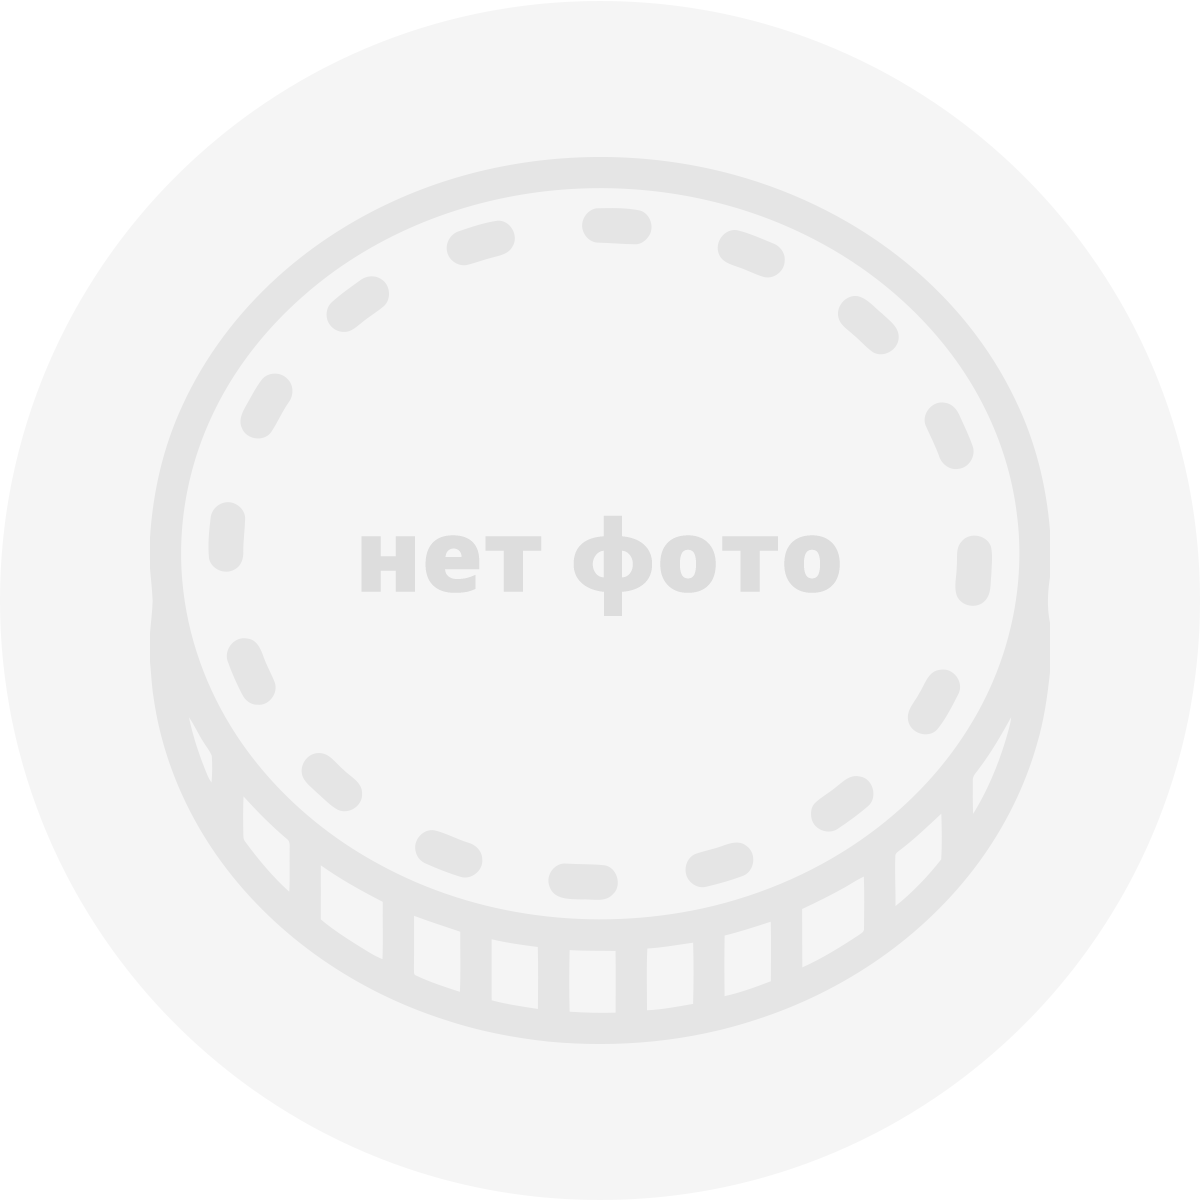 Индейская резервация Ла-Поста, Набор монет (2013 г.)